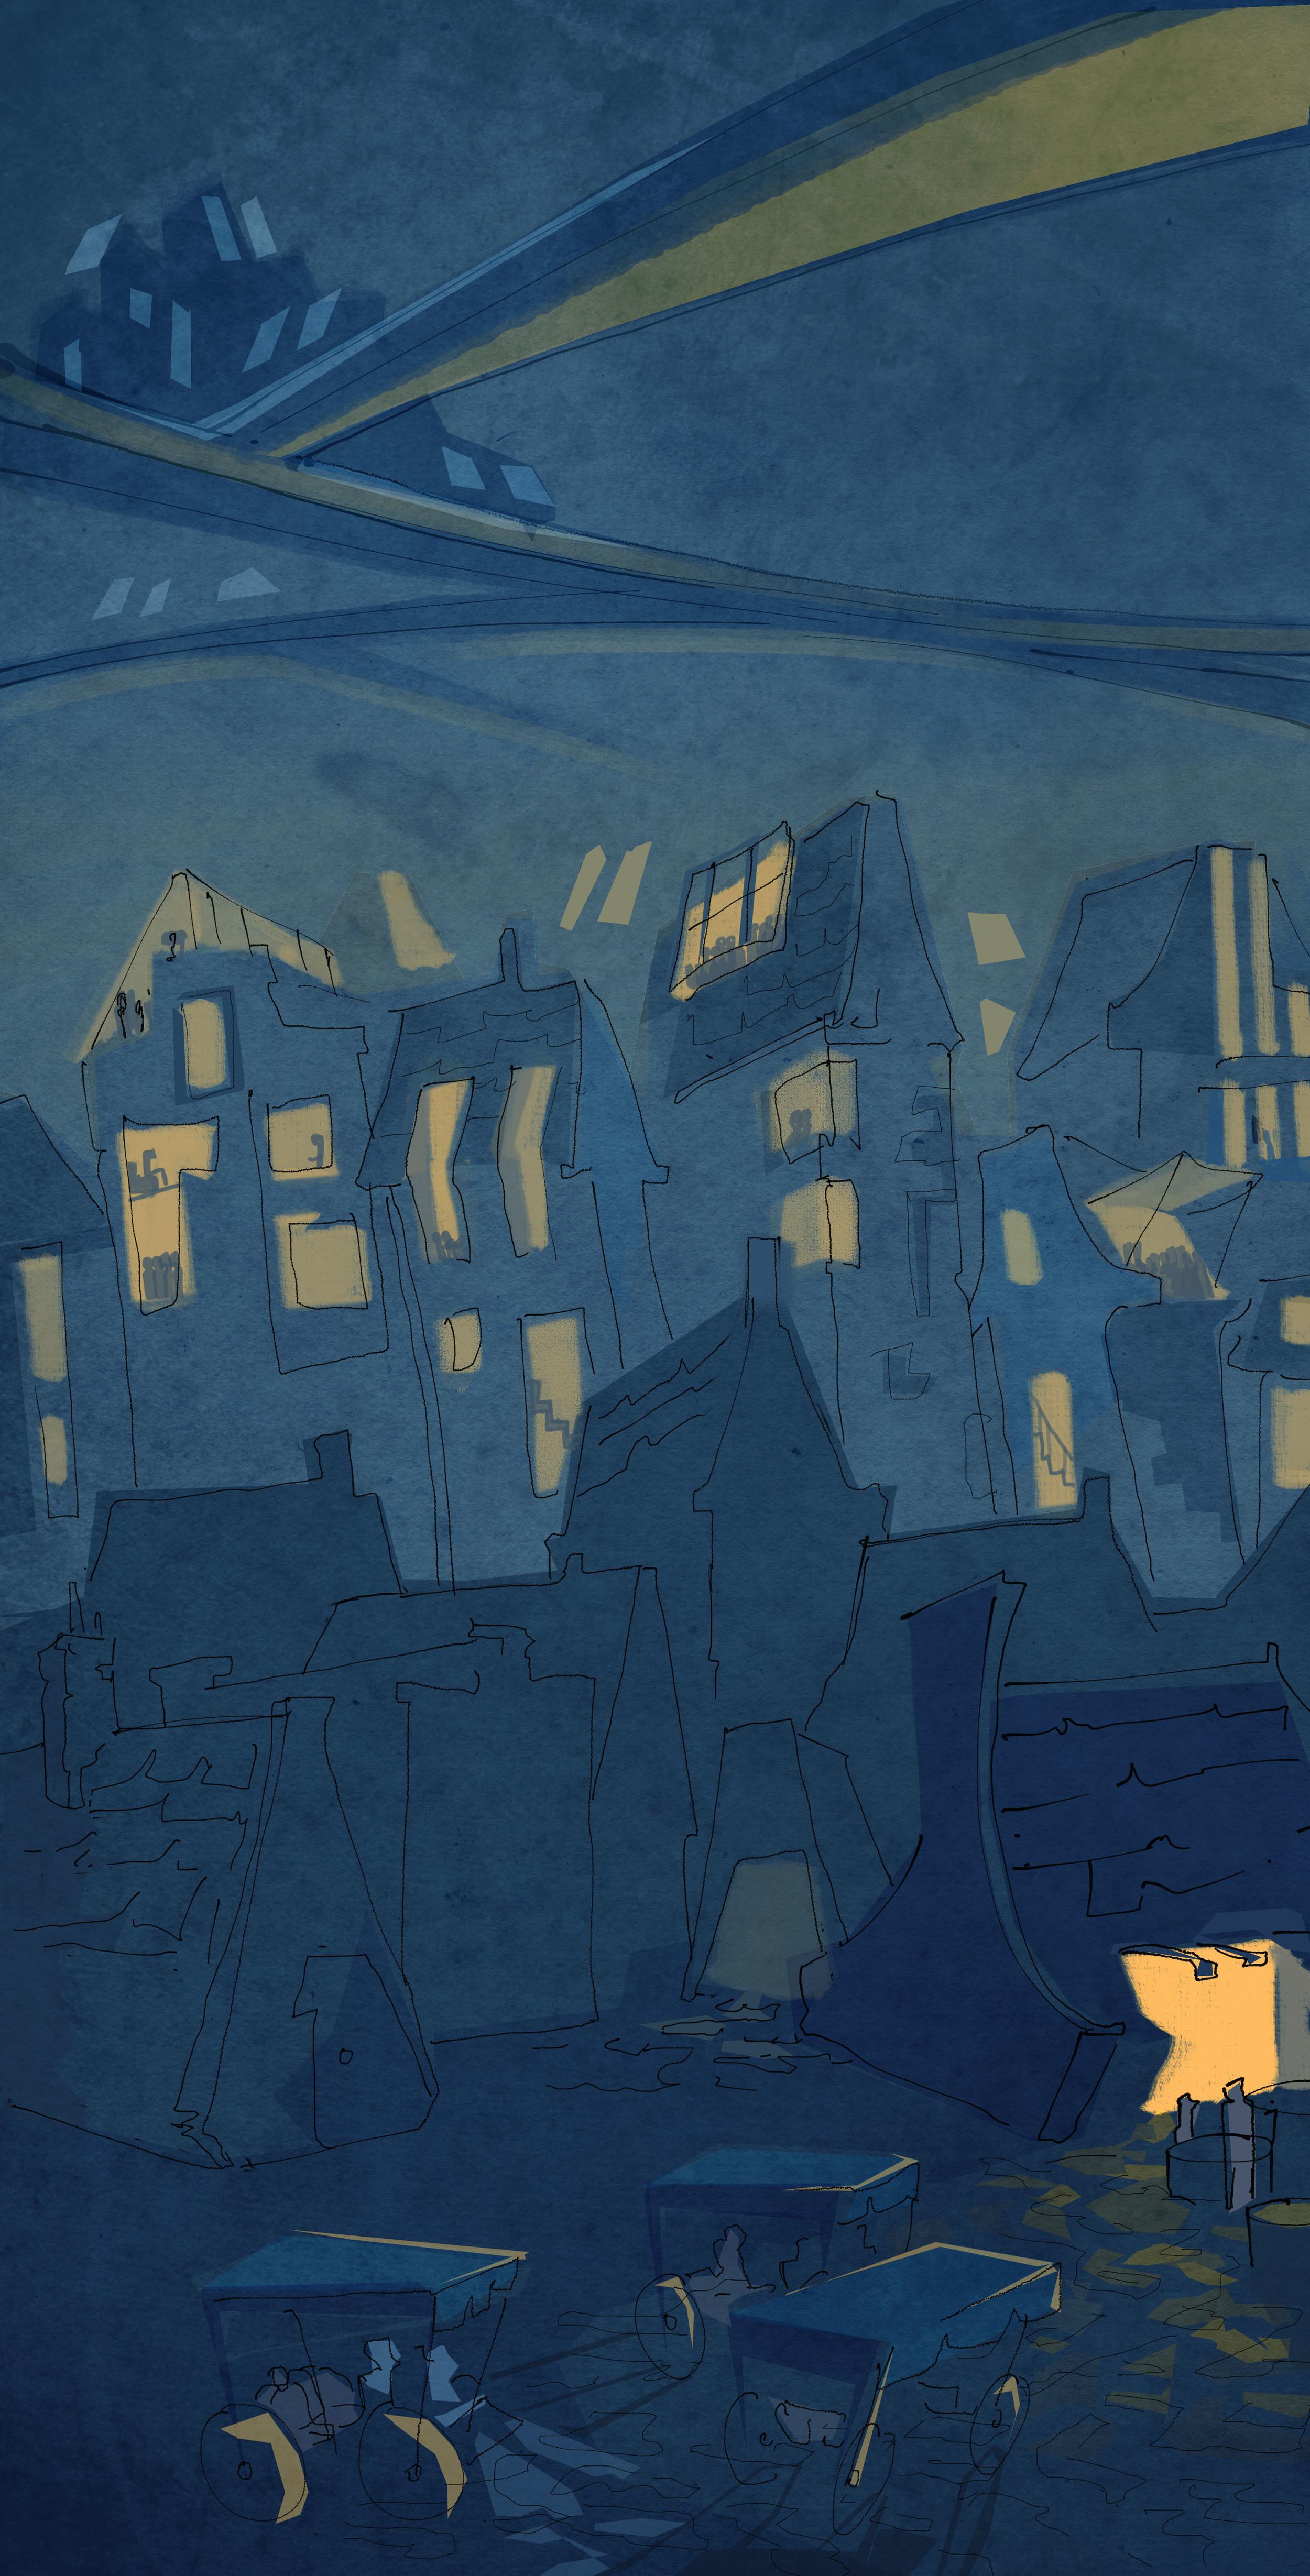 night scene1.2v2.jpg